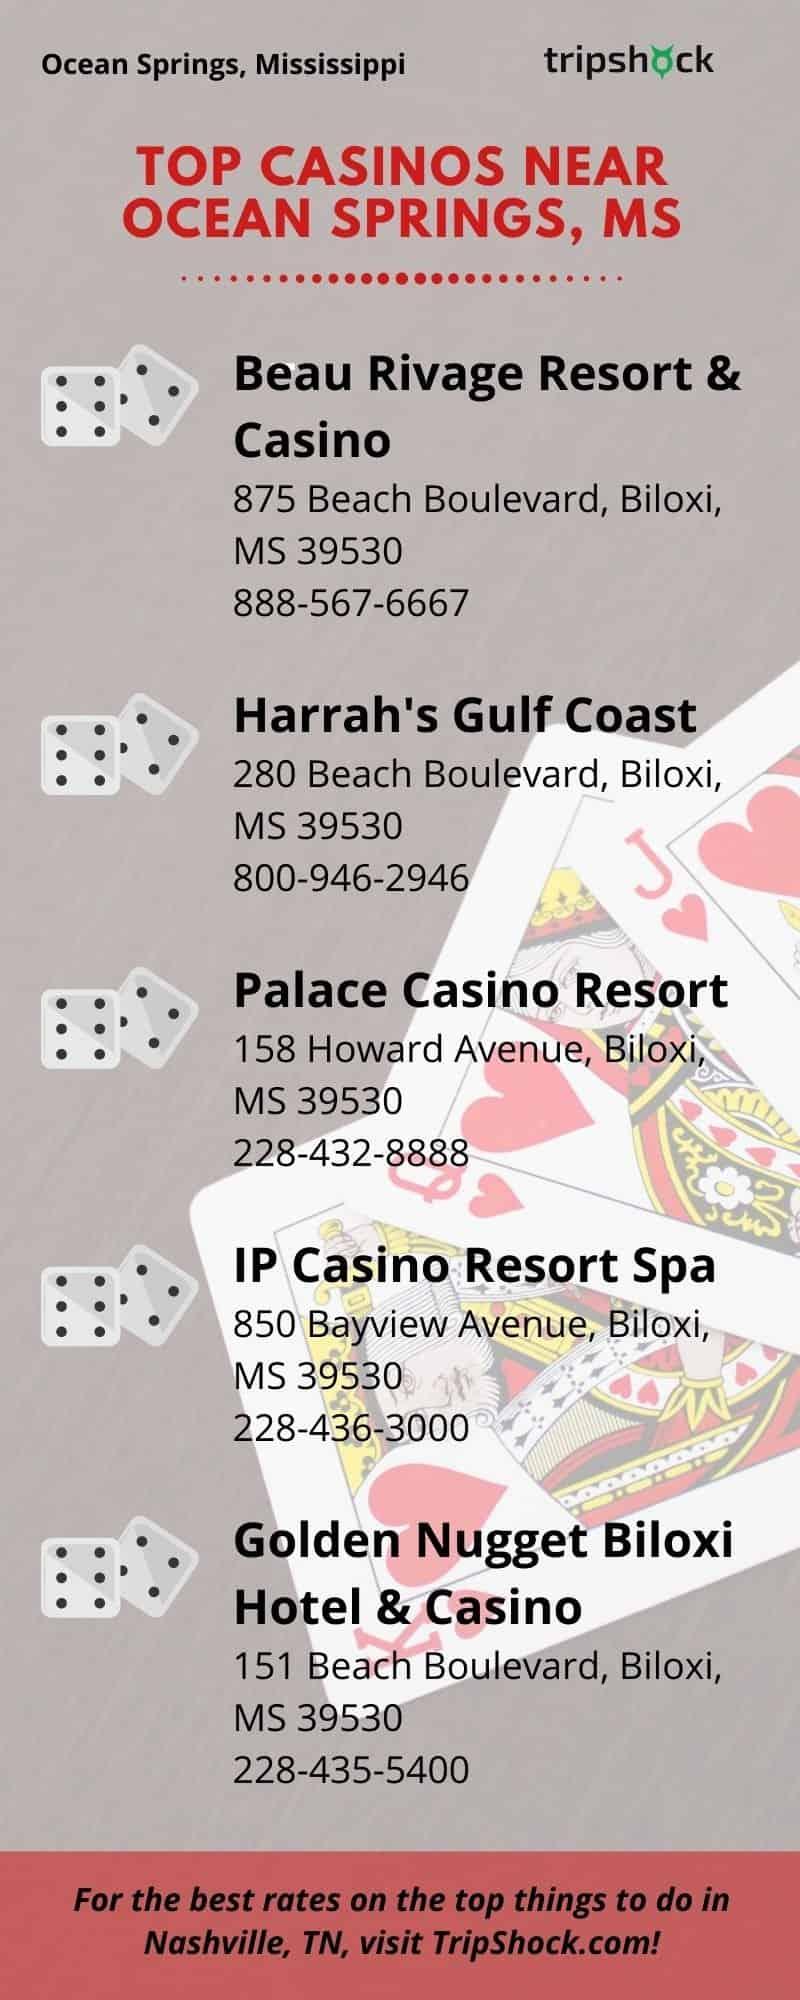 Top Casinos Near Ocean Springs, MS